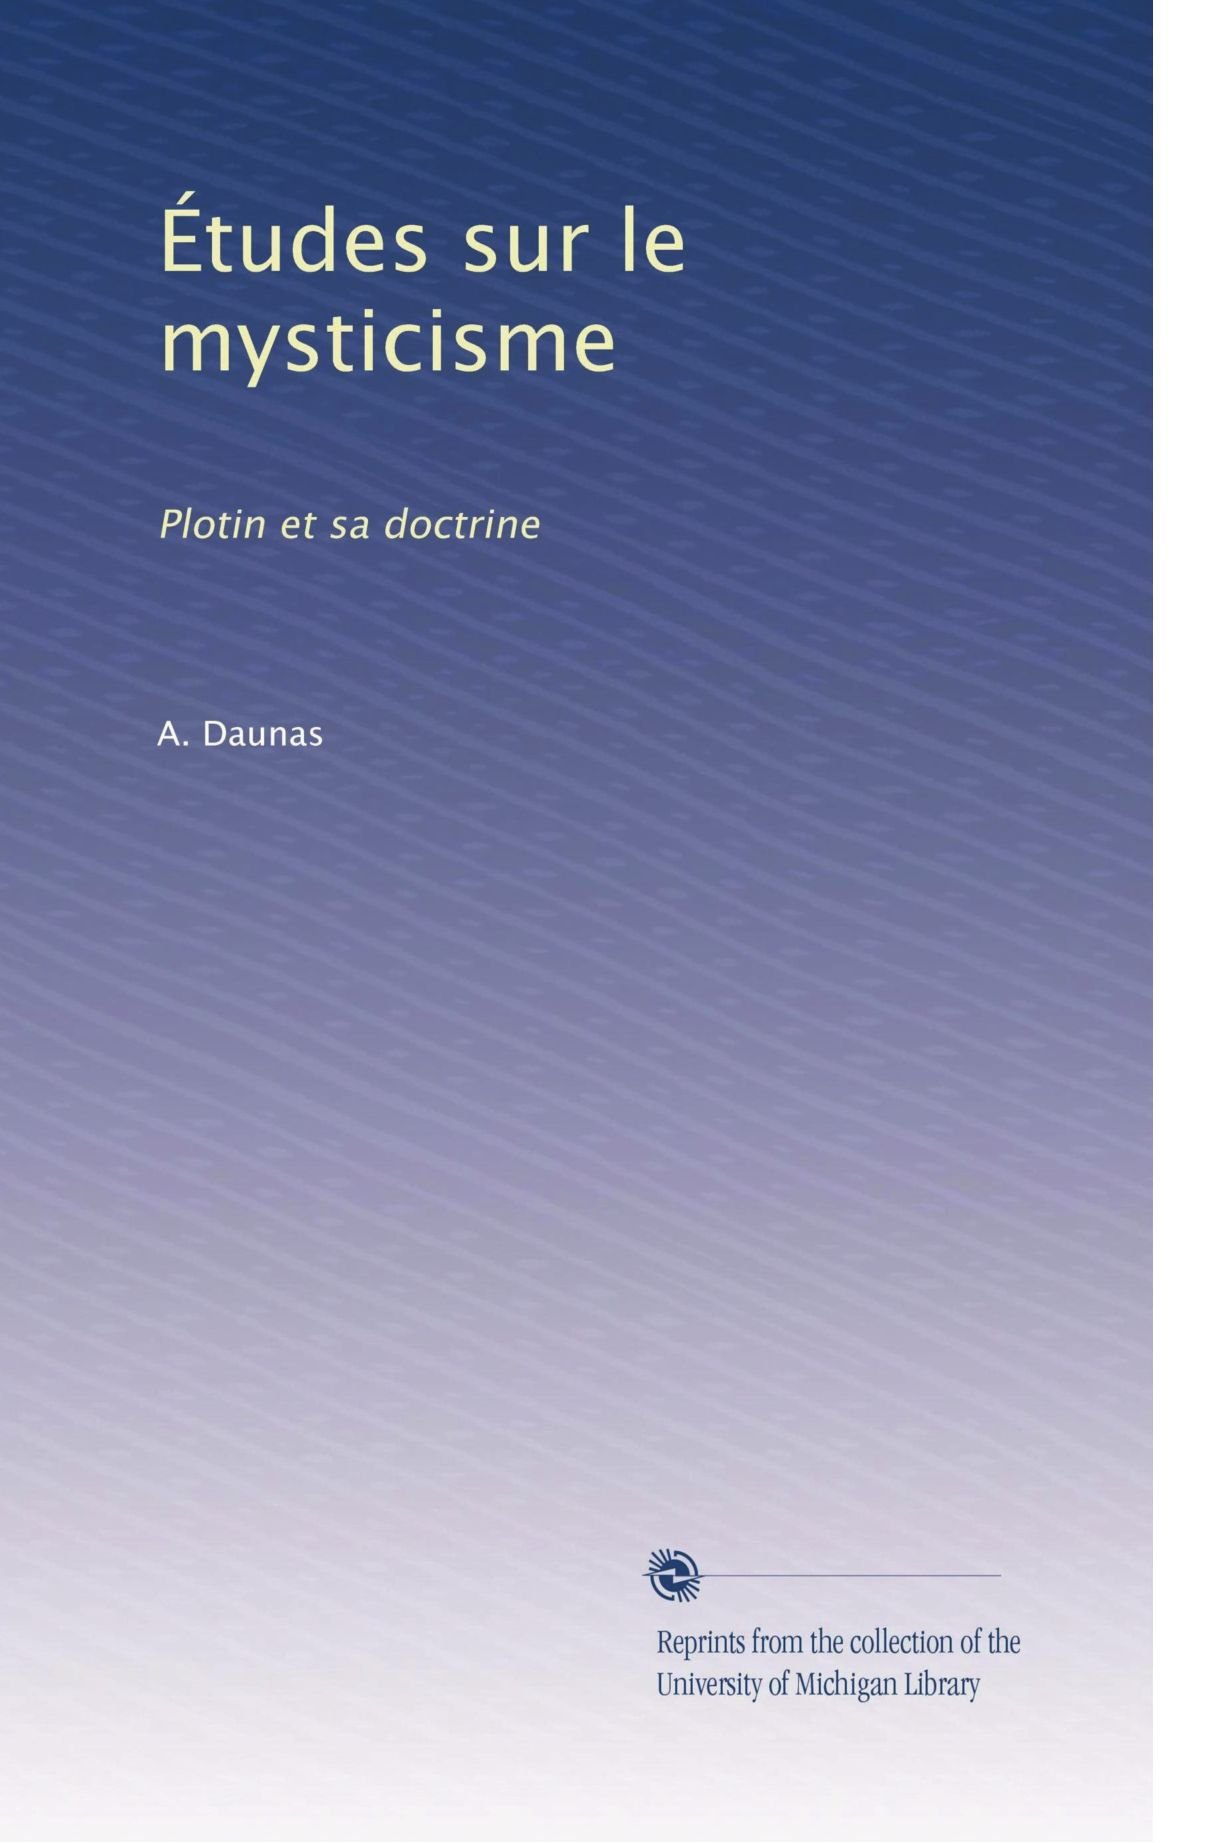 Études sur le mysticisme: Plotin et sa doctrine (French Edition) pdf